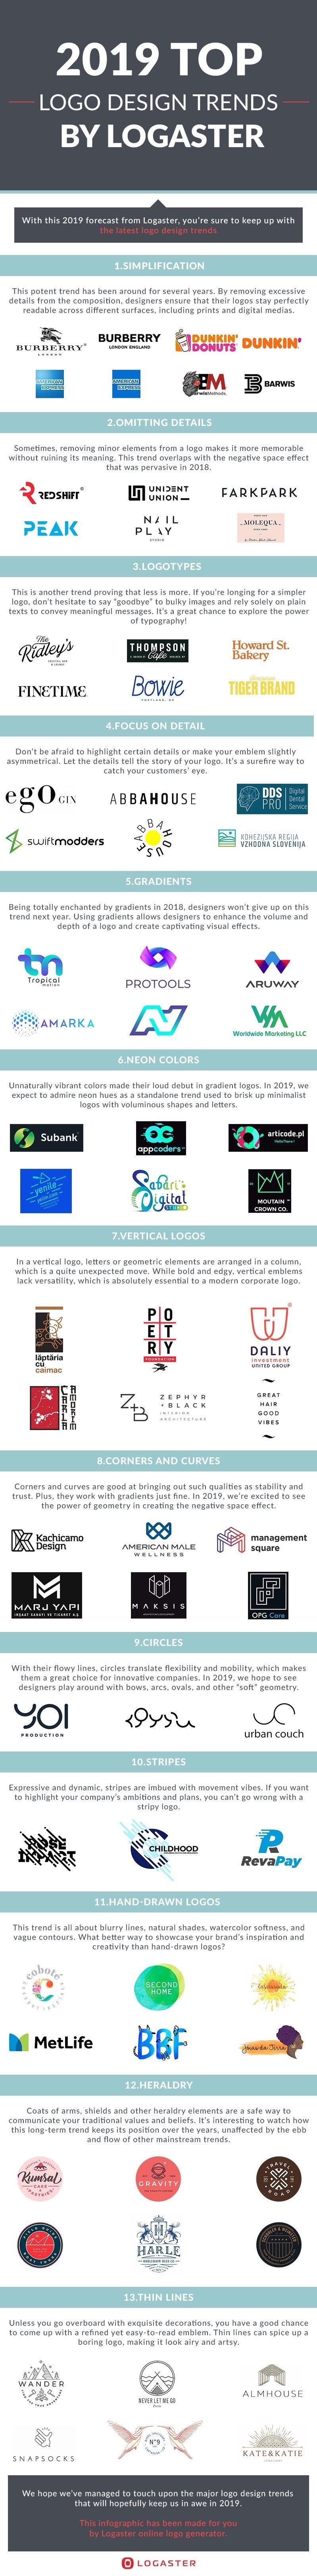 Top Logo Design Trends in 2019